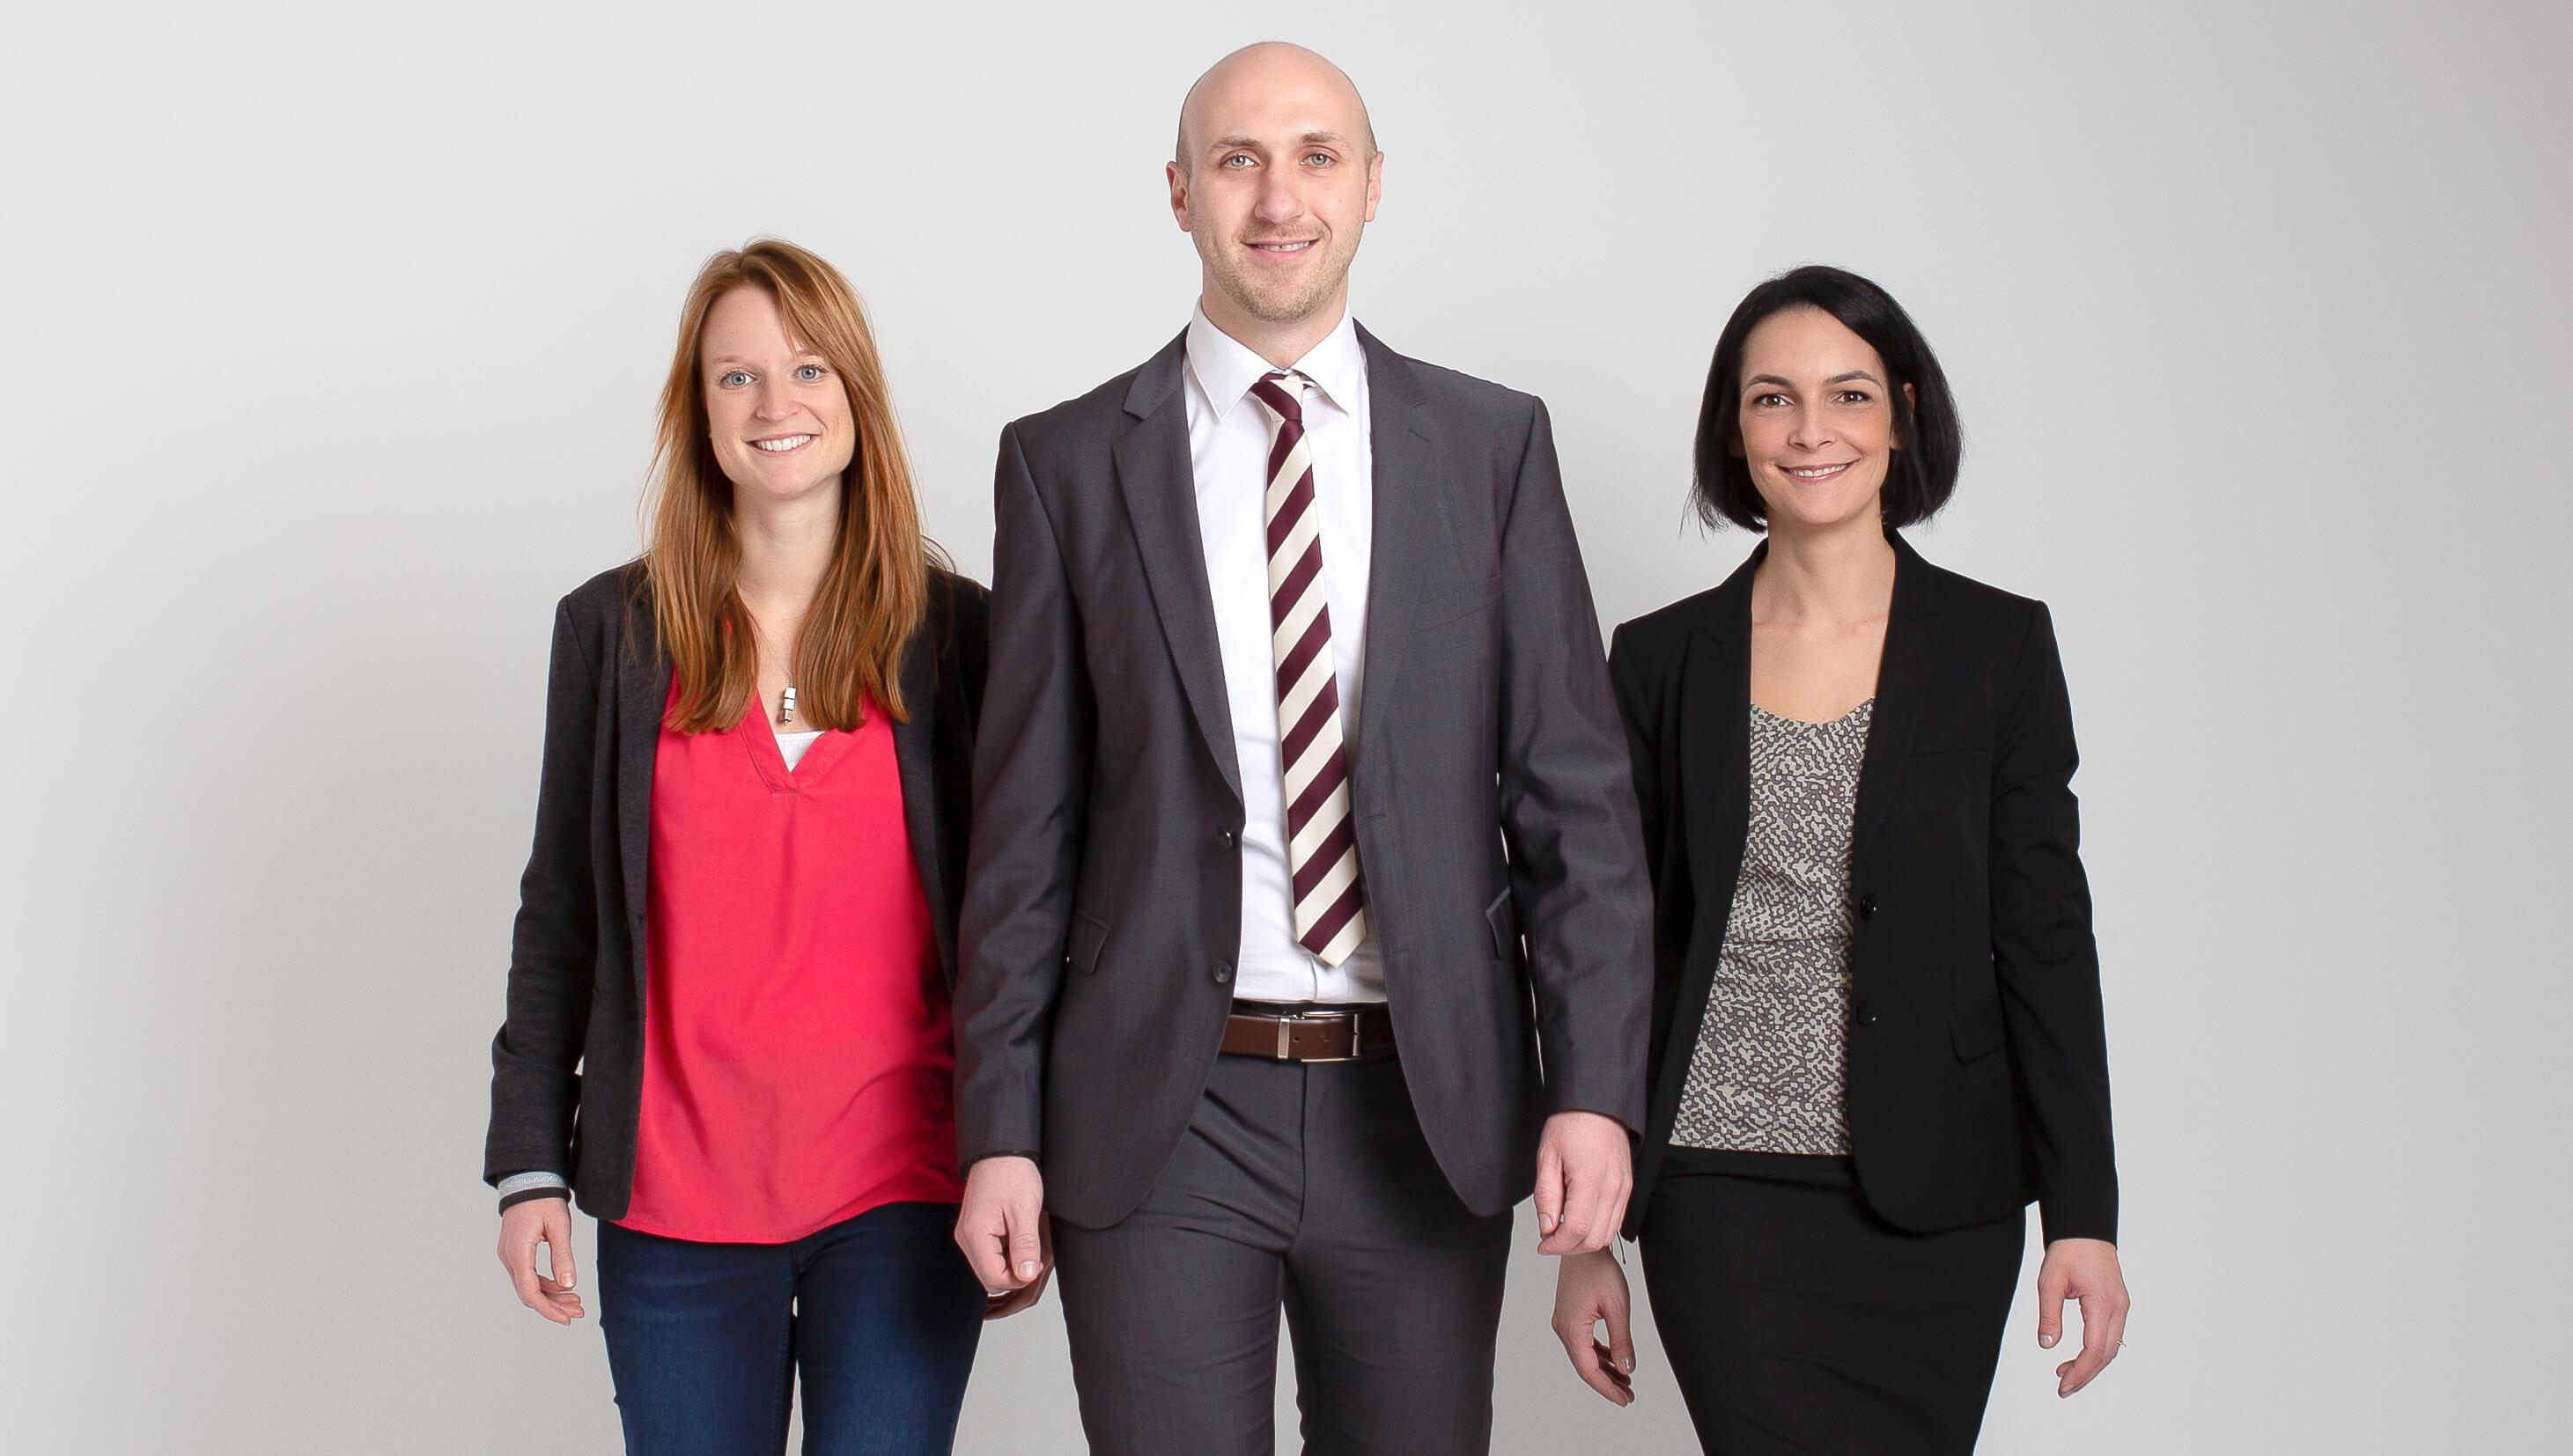 qualityfox-Team; Vermittlungsagentur im Qualitätswesen aus Wieselburg: Sarah Welter, M.A., Ing. Michael Lindner, Lisa-Maria Gnant B.A.